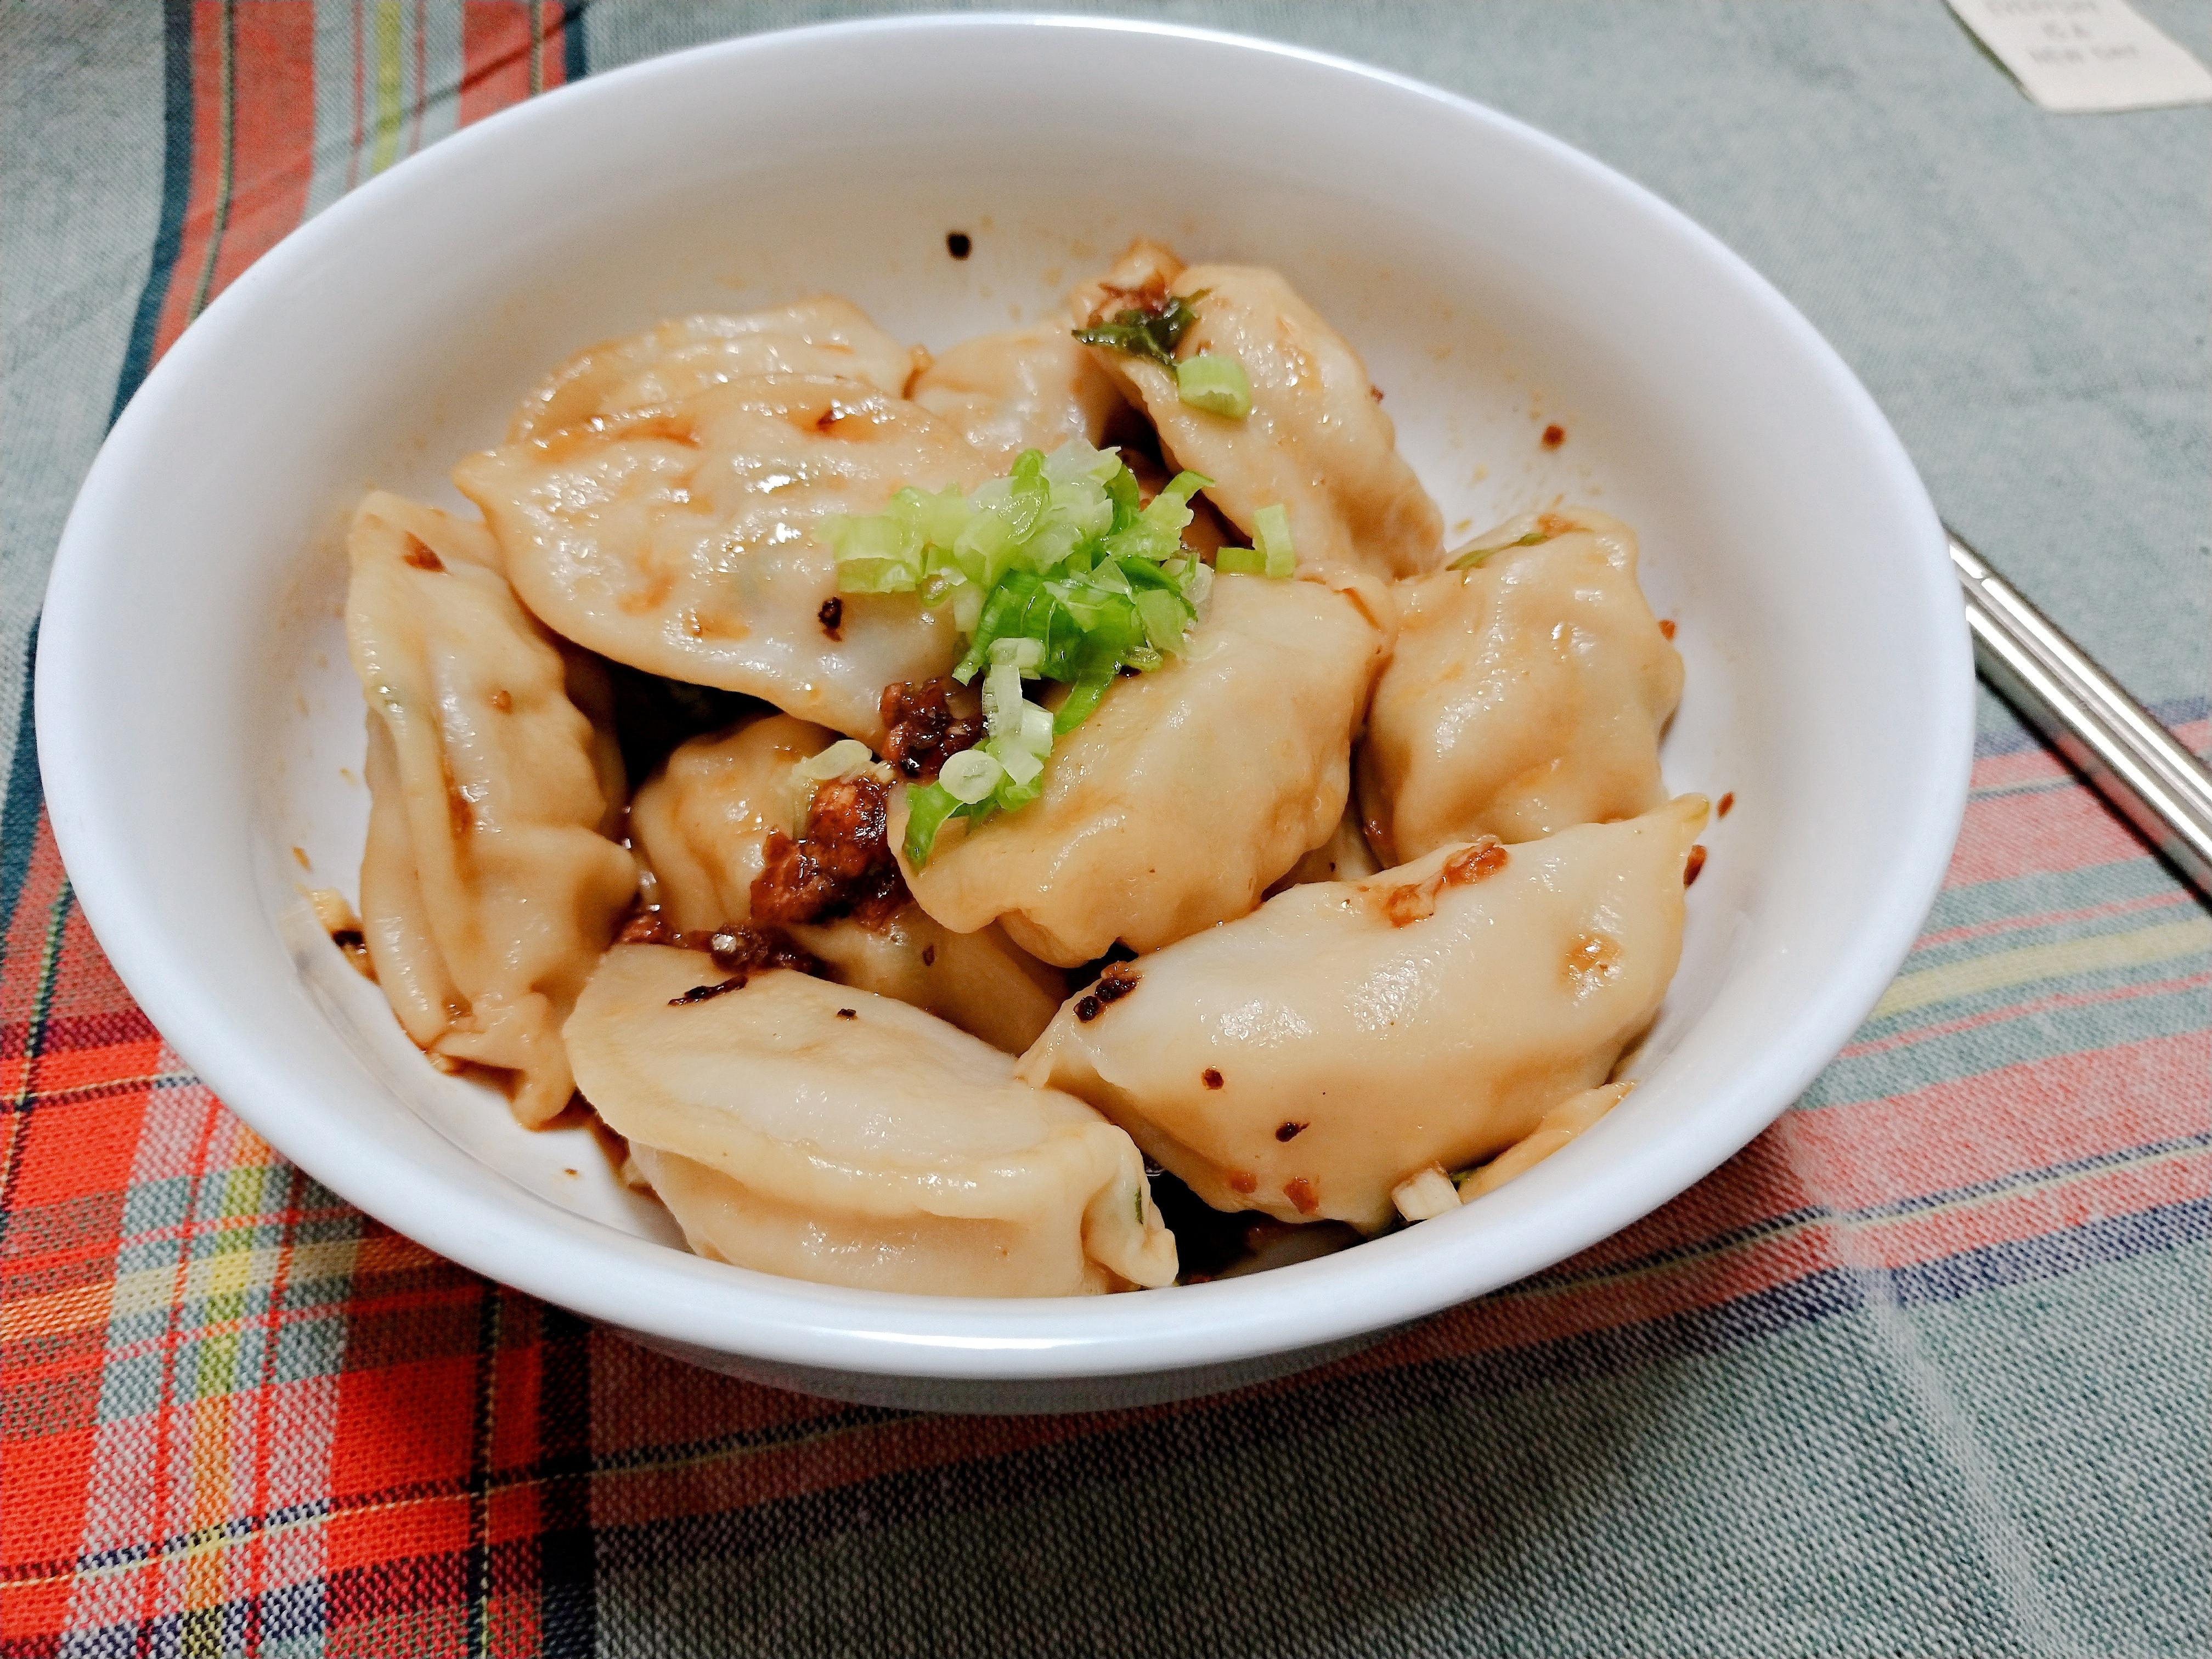 【一個人的廚房】紅油水餃(15分鐘上菜)